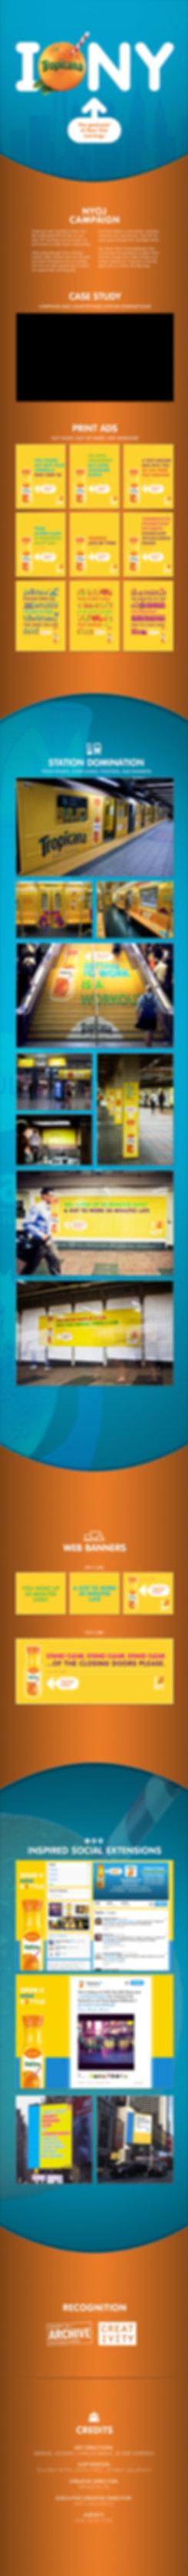 nyoj-campaign-011219.jpg